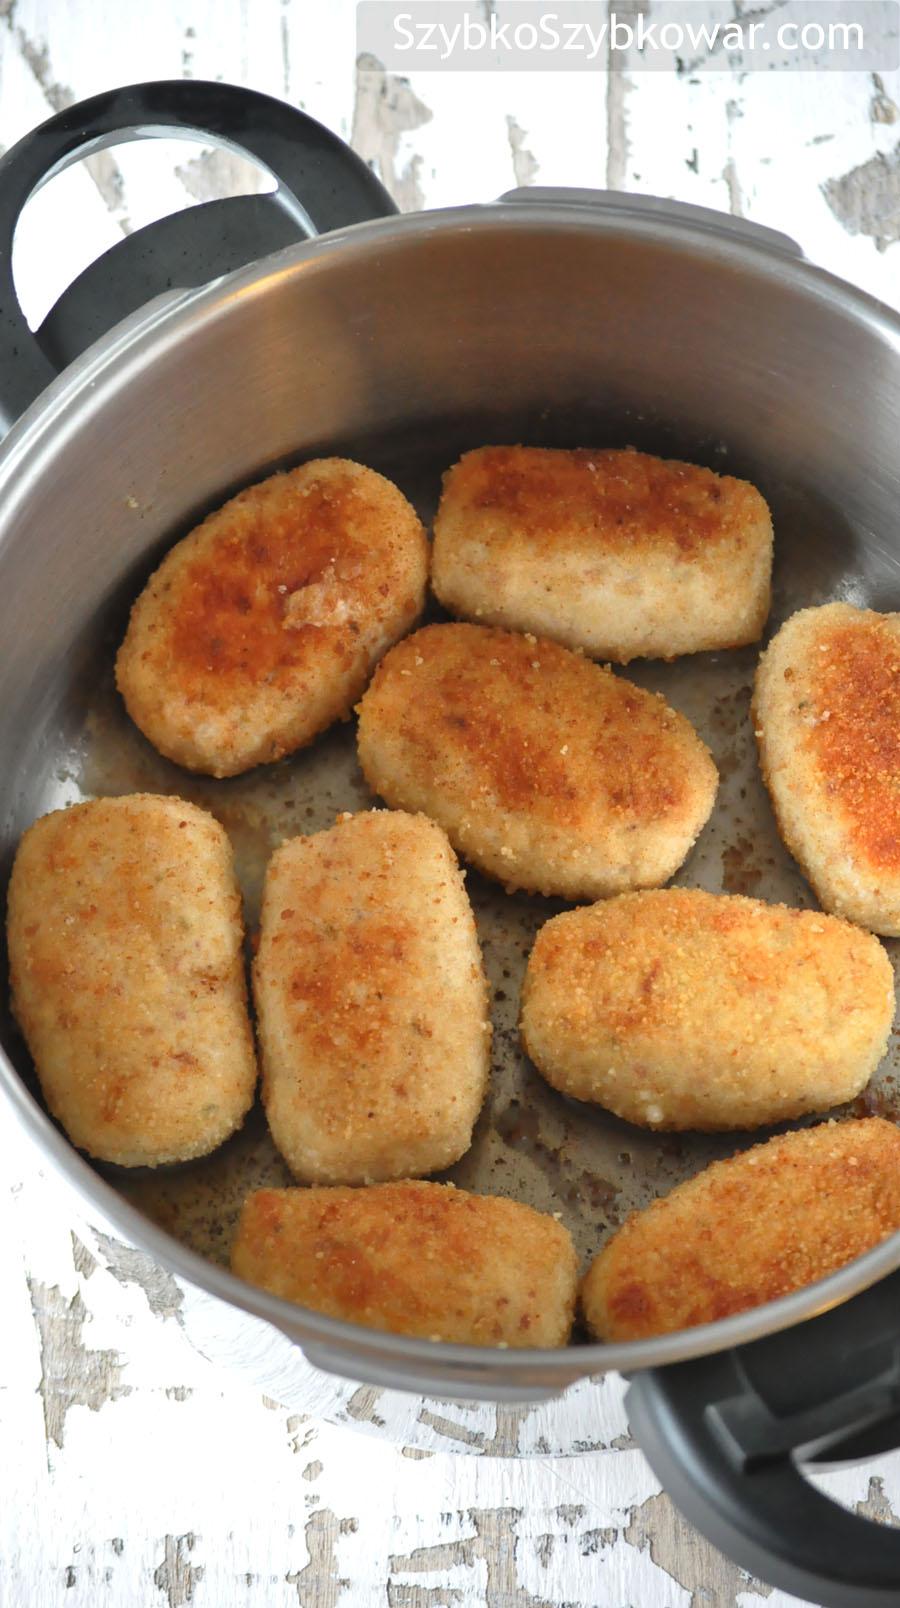 Kotlety przełożone do szybkowaru na rogrzane masło.